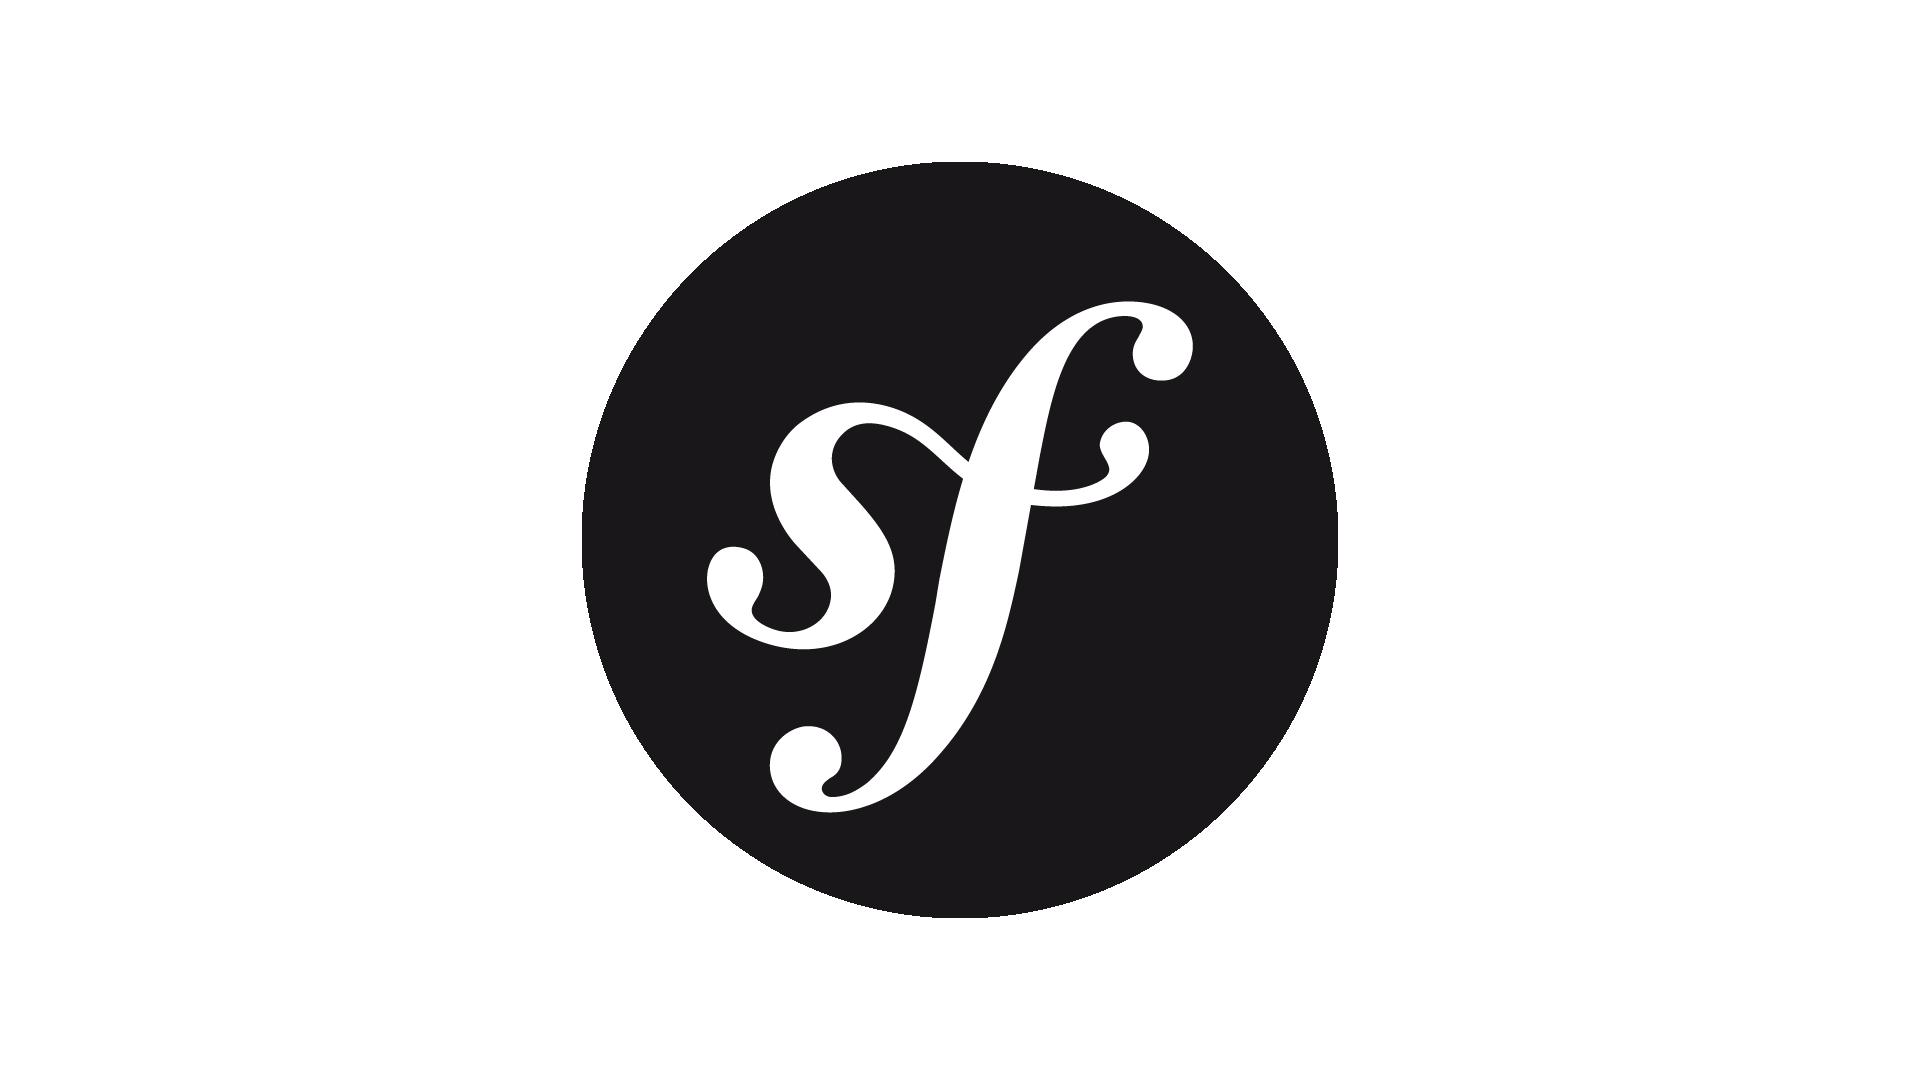 Symfony logo.